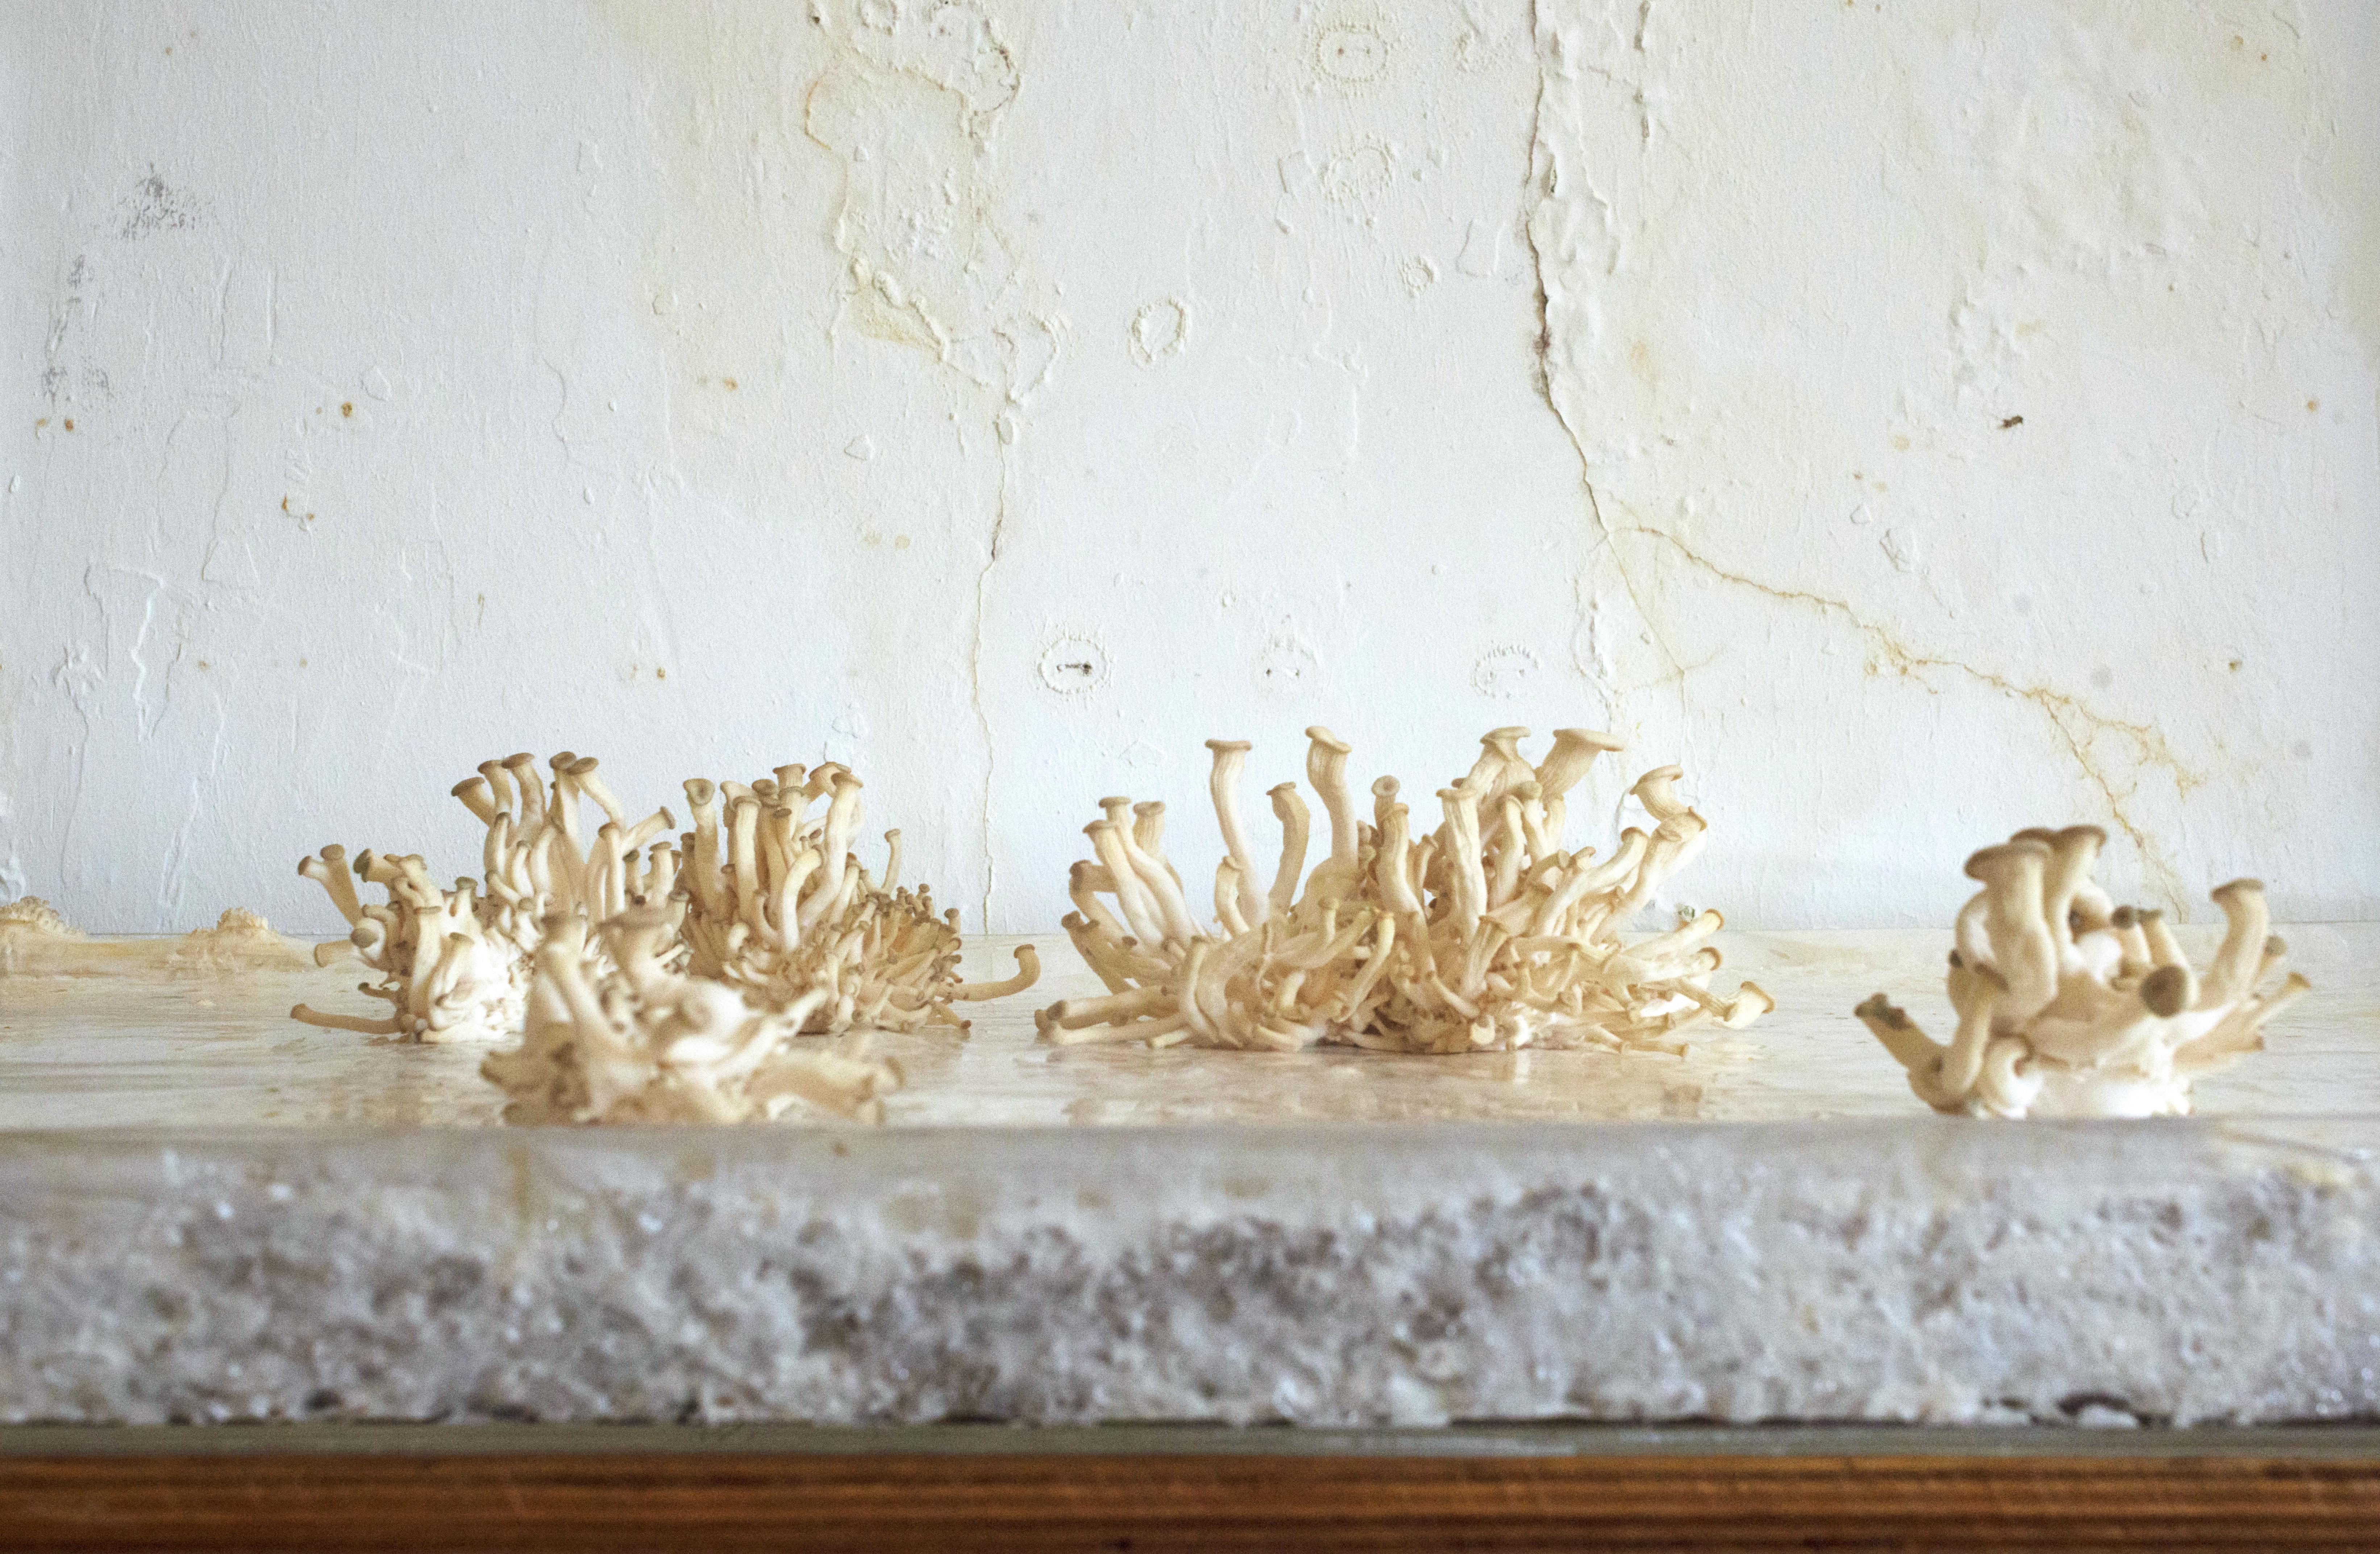 Organic Materials in Architecture: Inside Mycelium